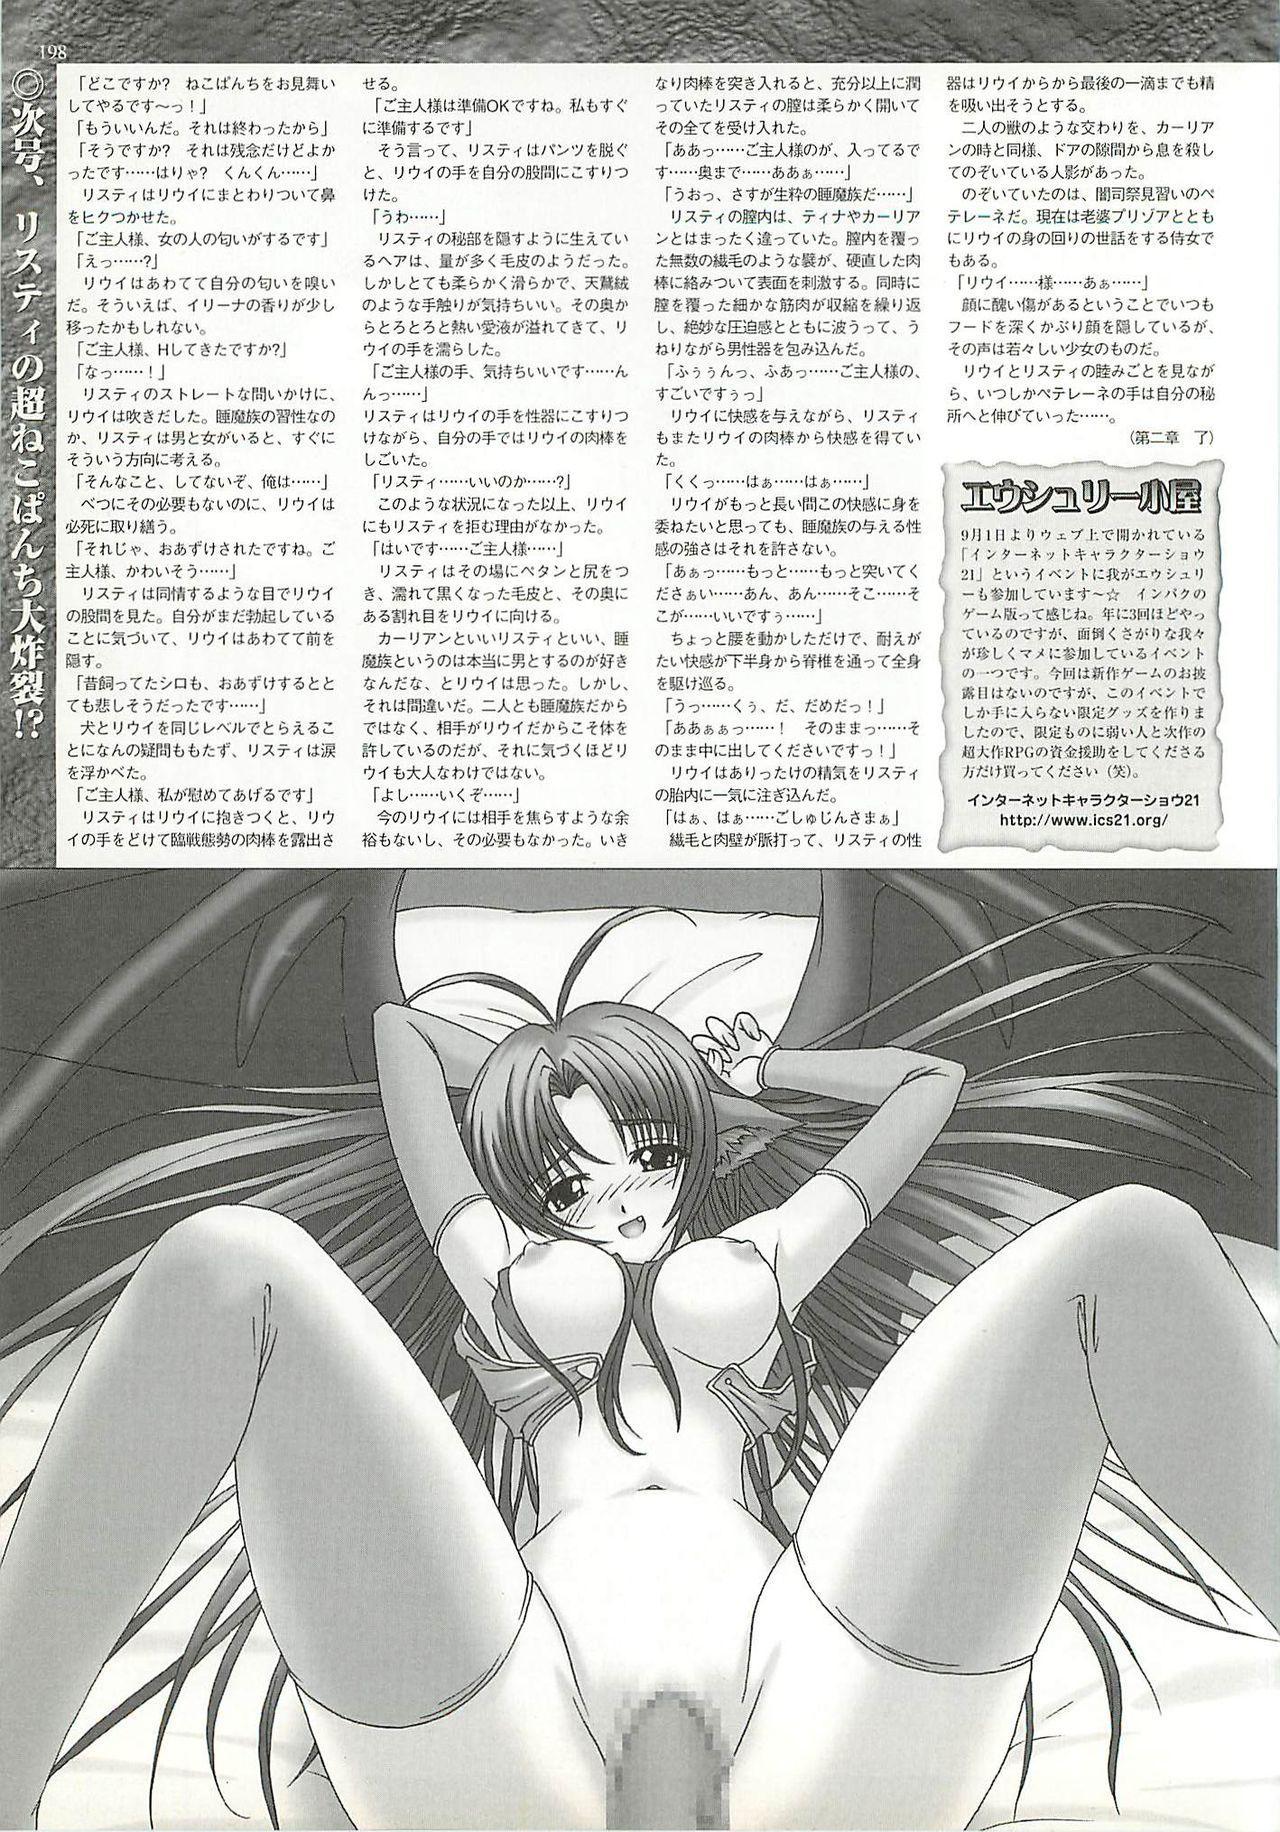 BugBug 2001-10 197